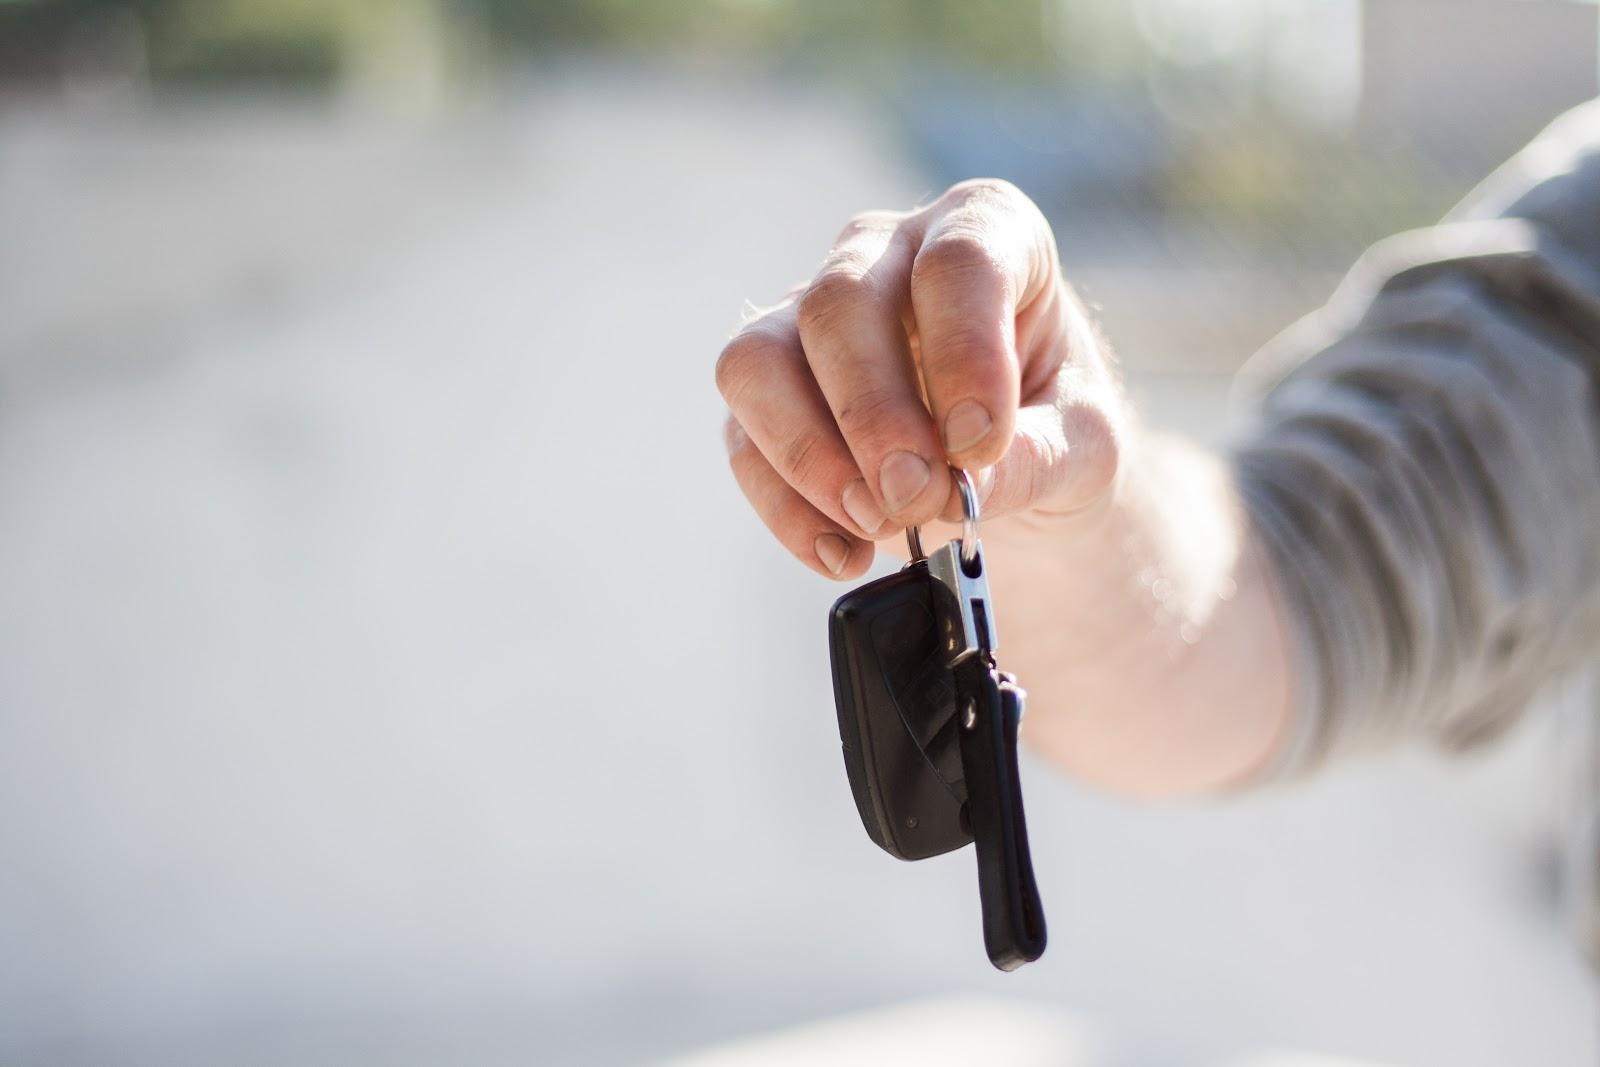 Mão segurando uma chave de um carro alugado para uber e 99.